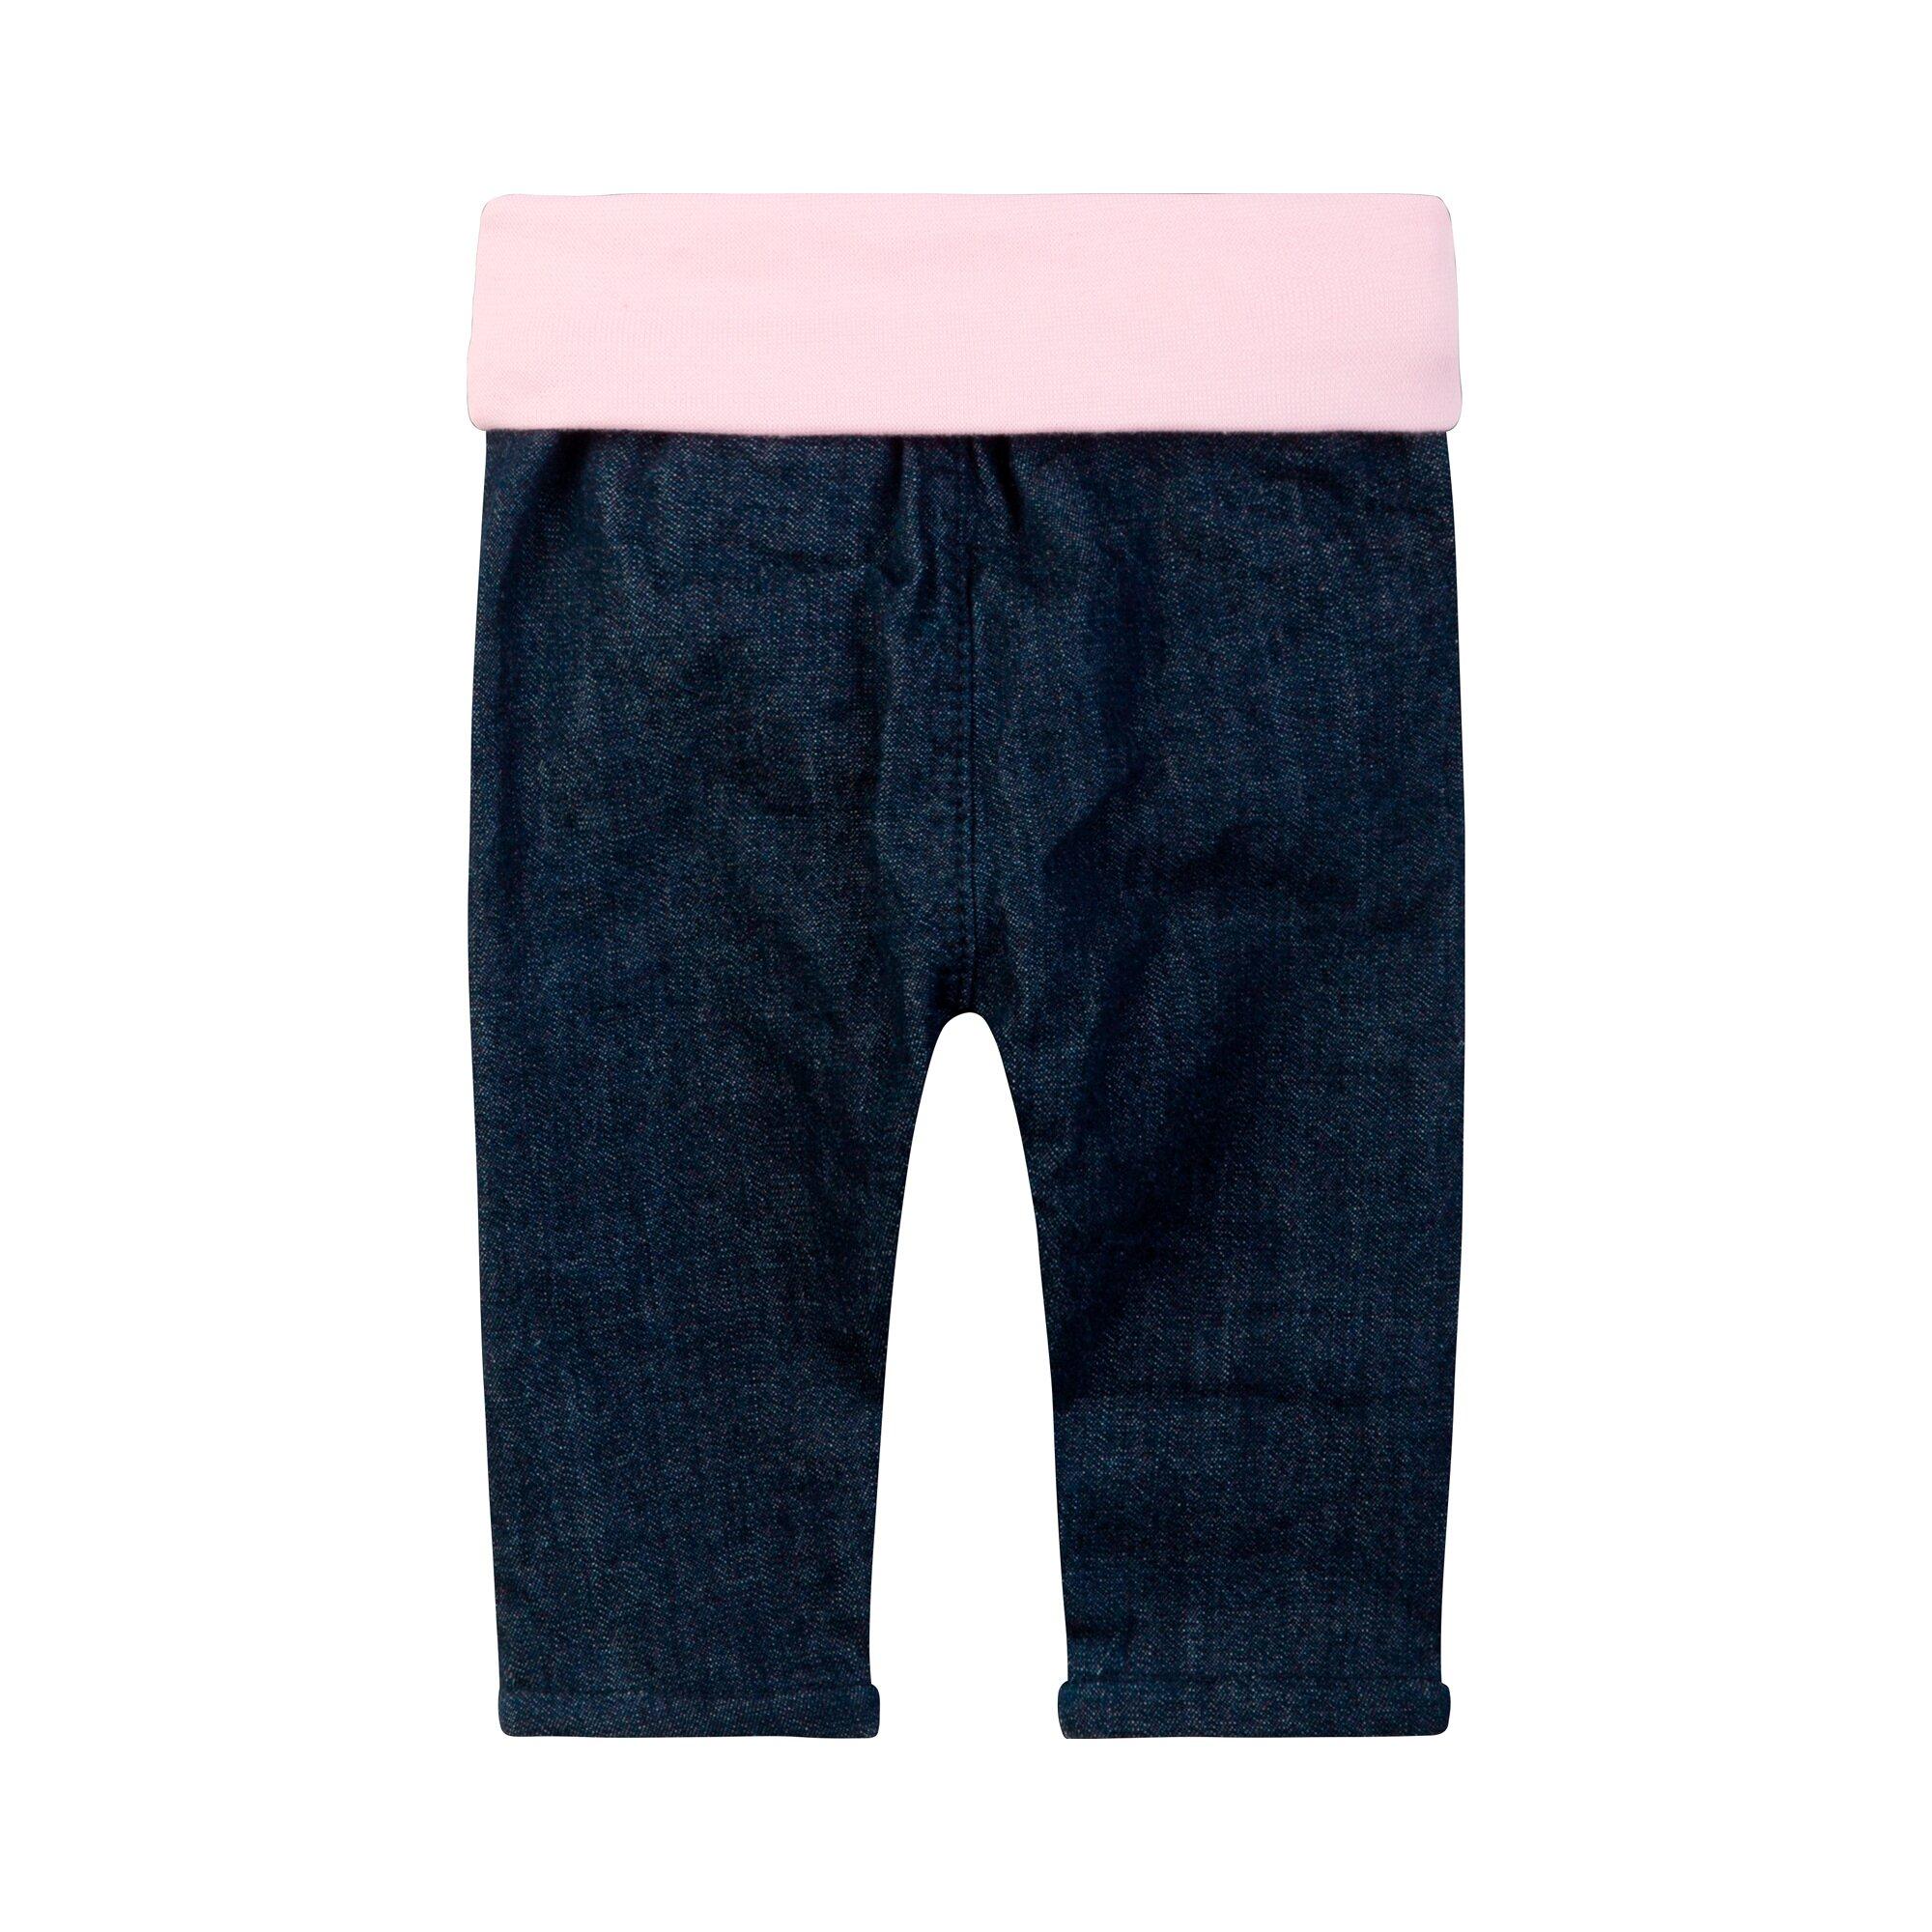 fiftyseven-jeans-gefuttert